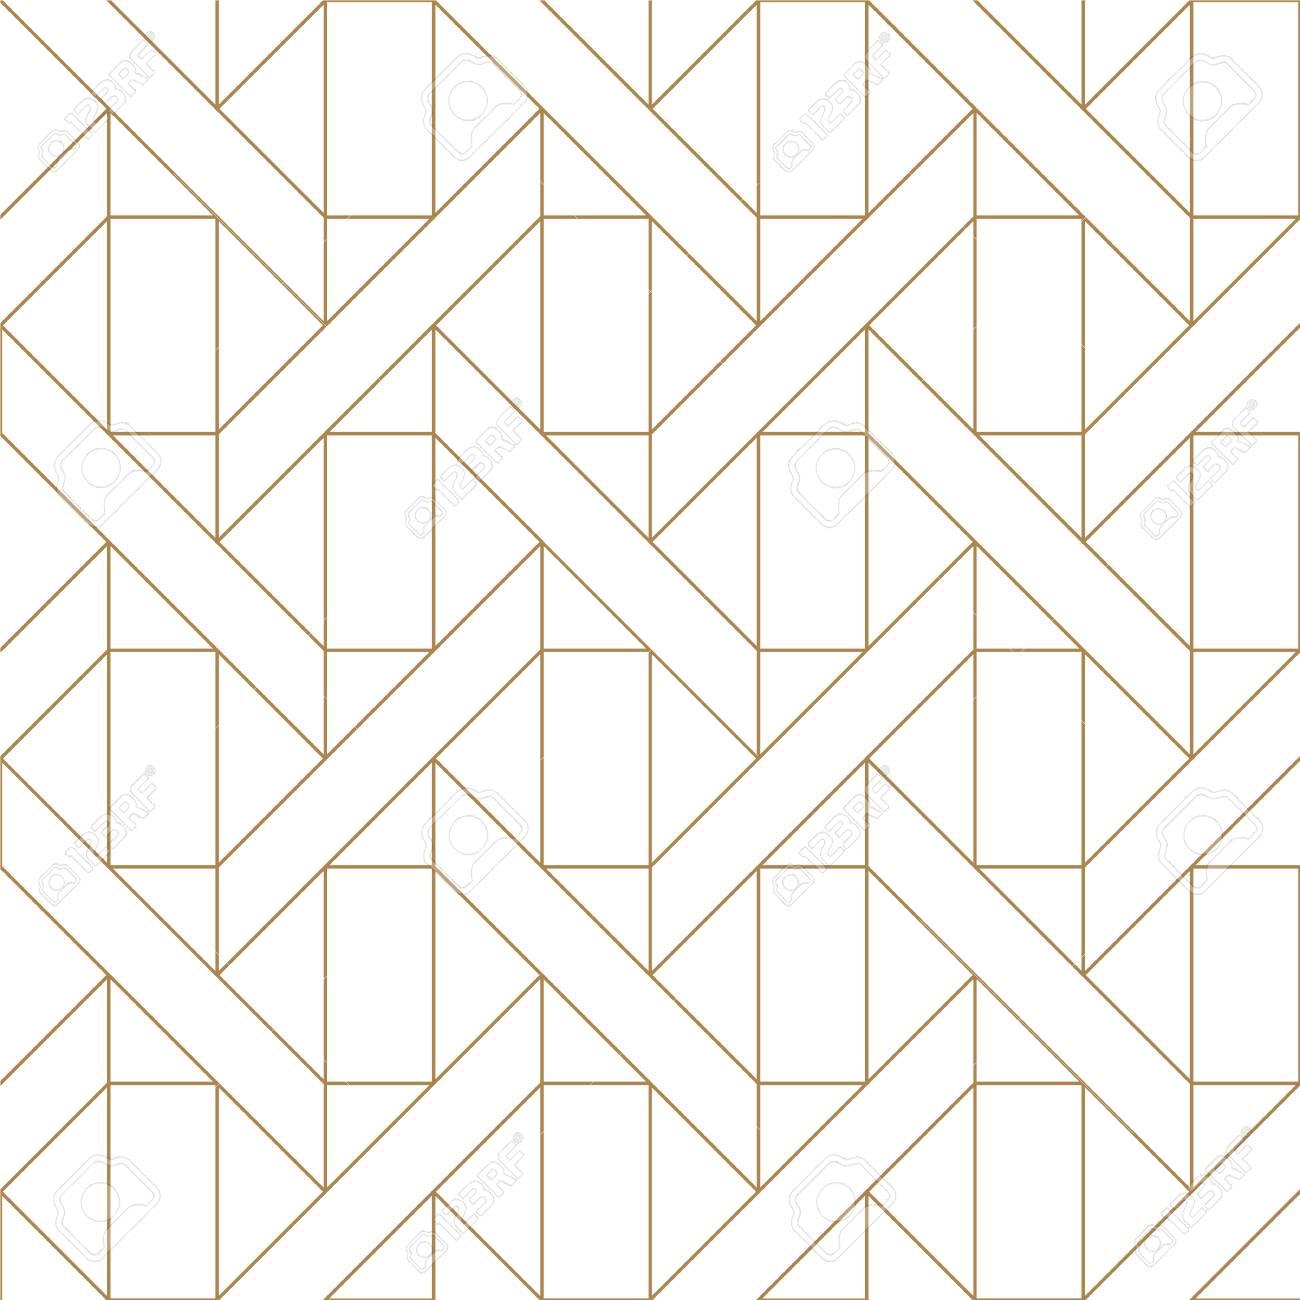 Patron Geometrico Simple Minimalista Dorado Fondo De Linea Para